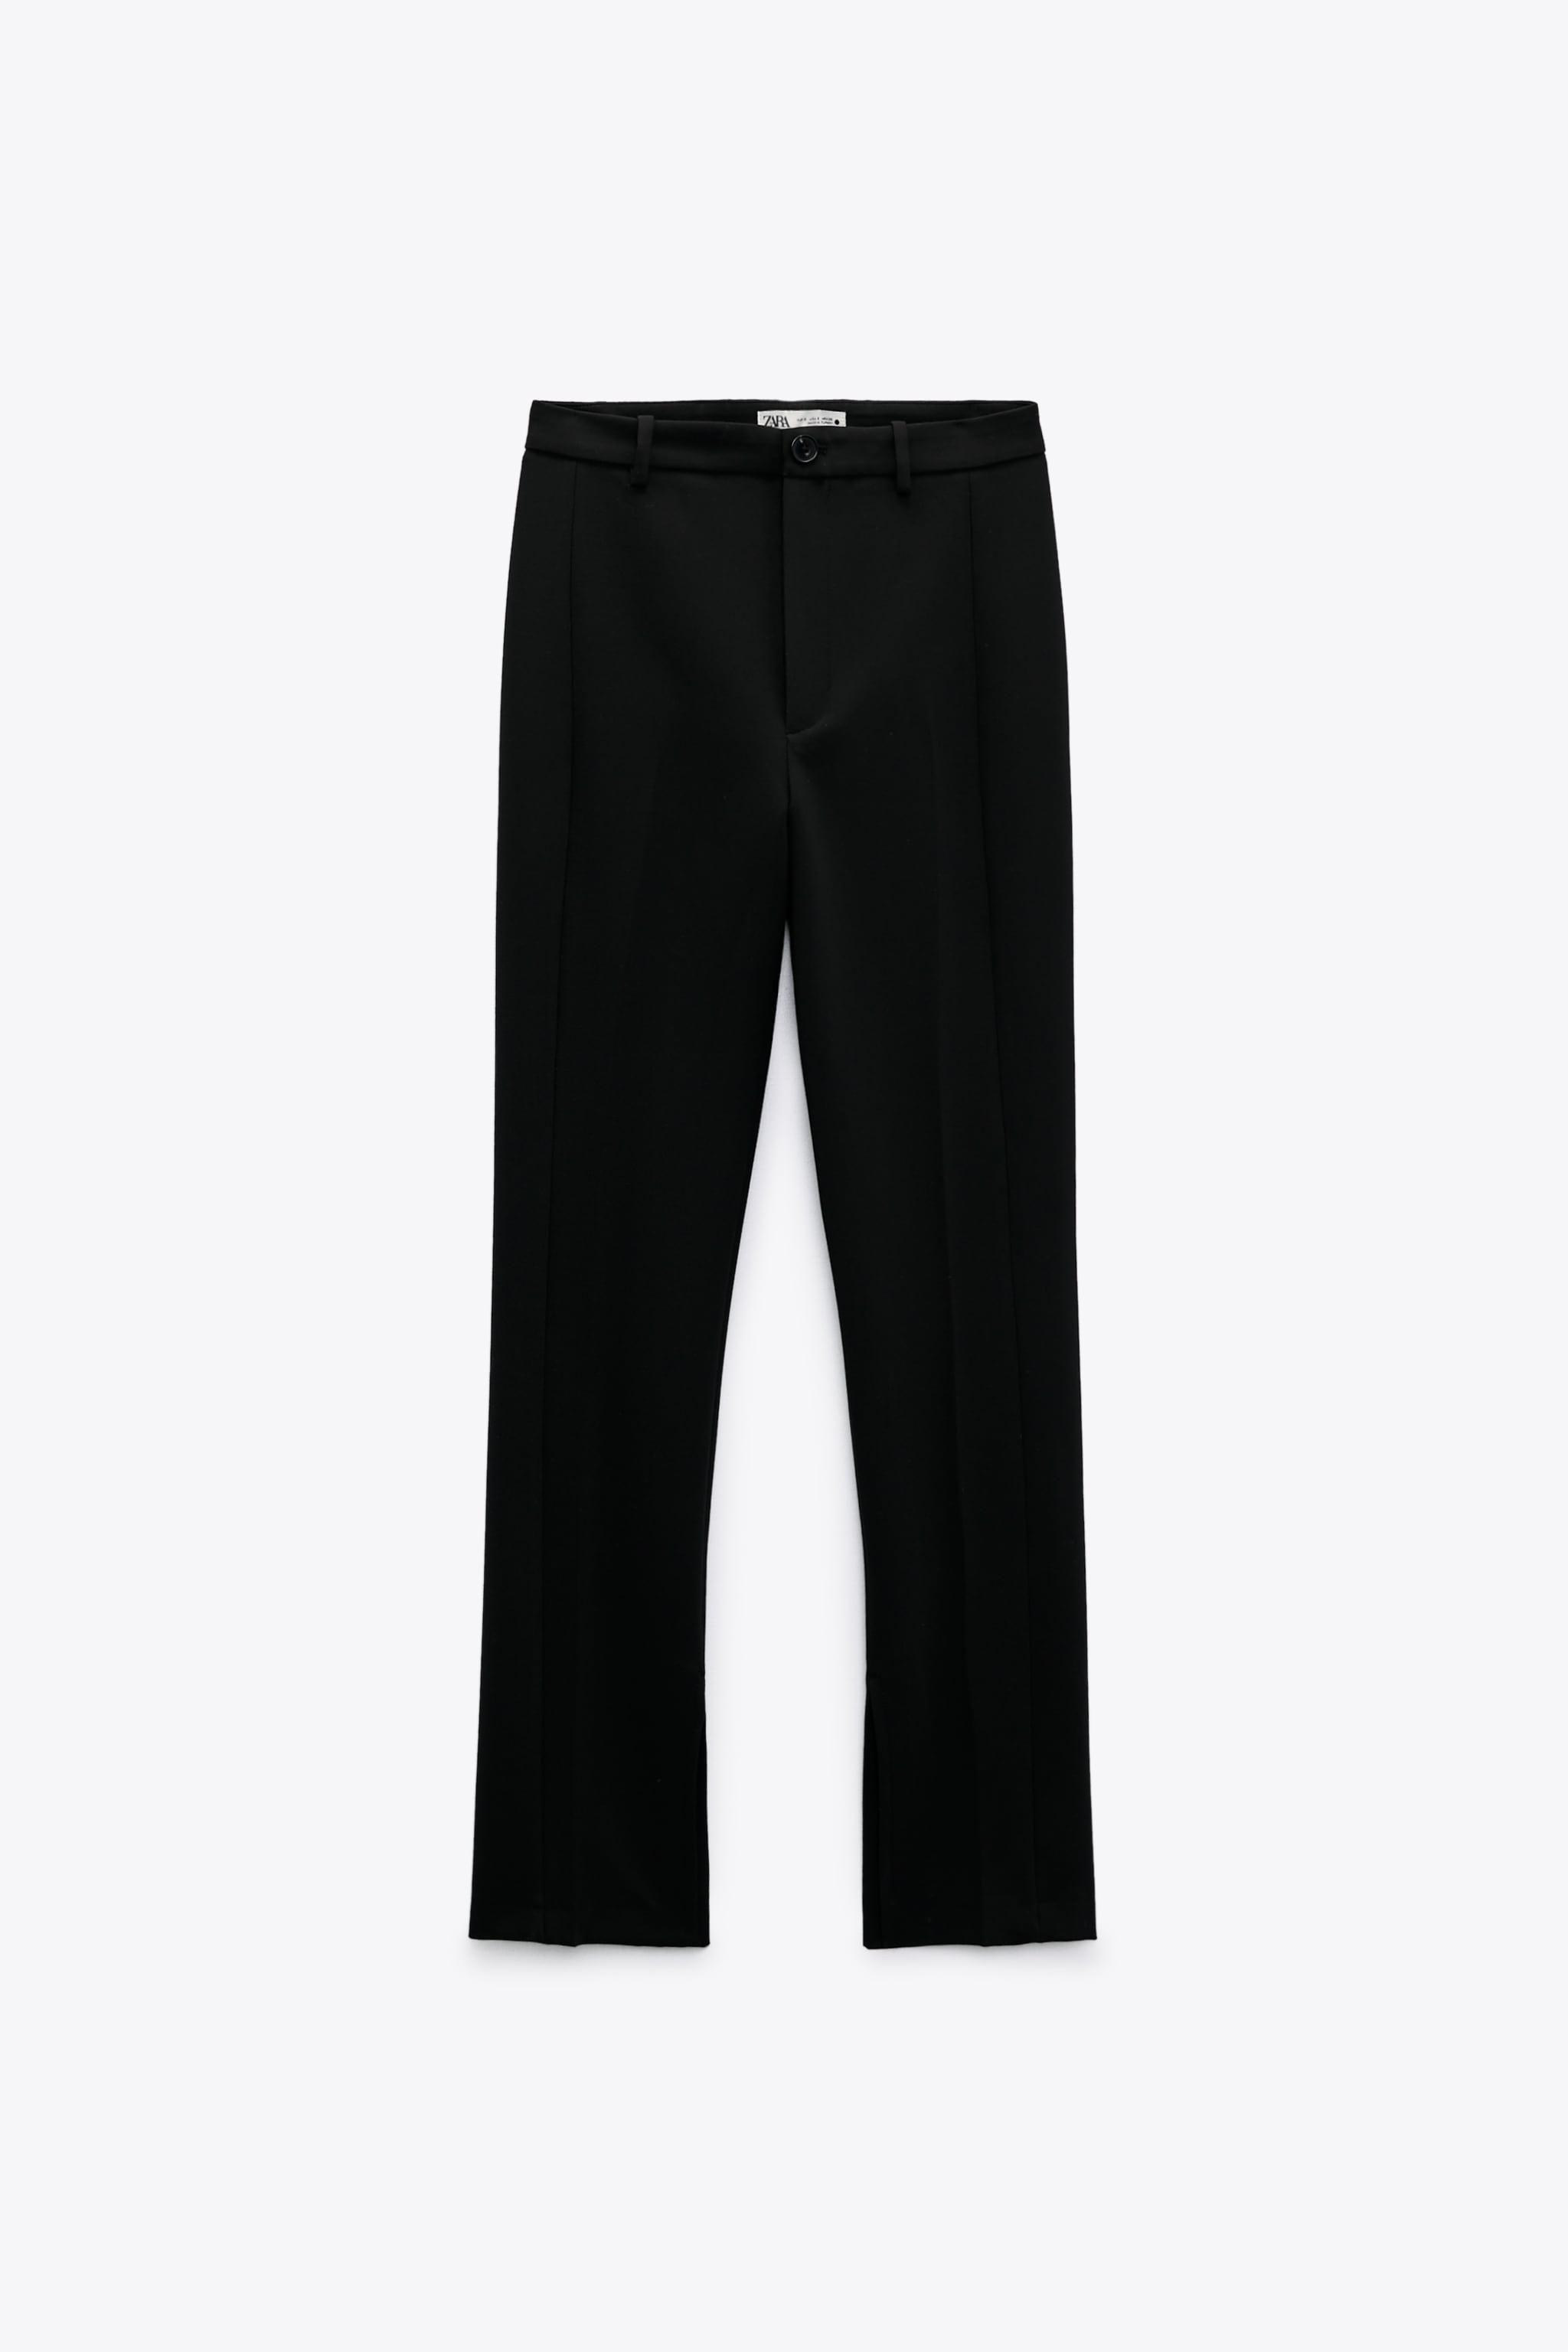 zara the melrose full length leggings